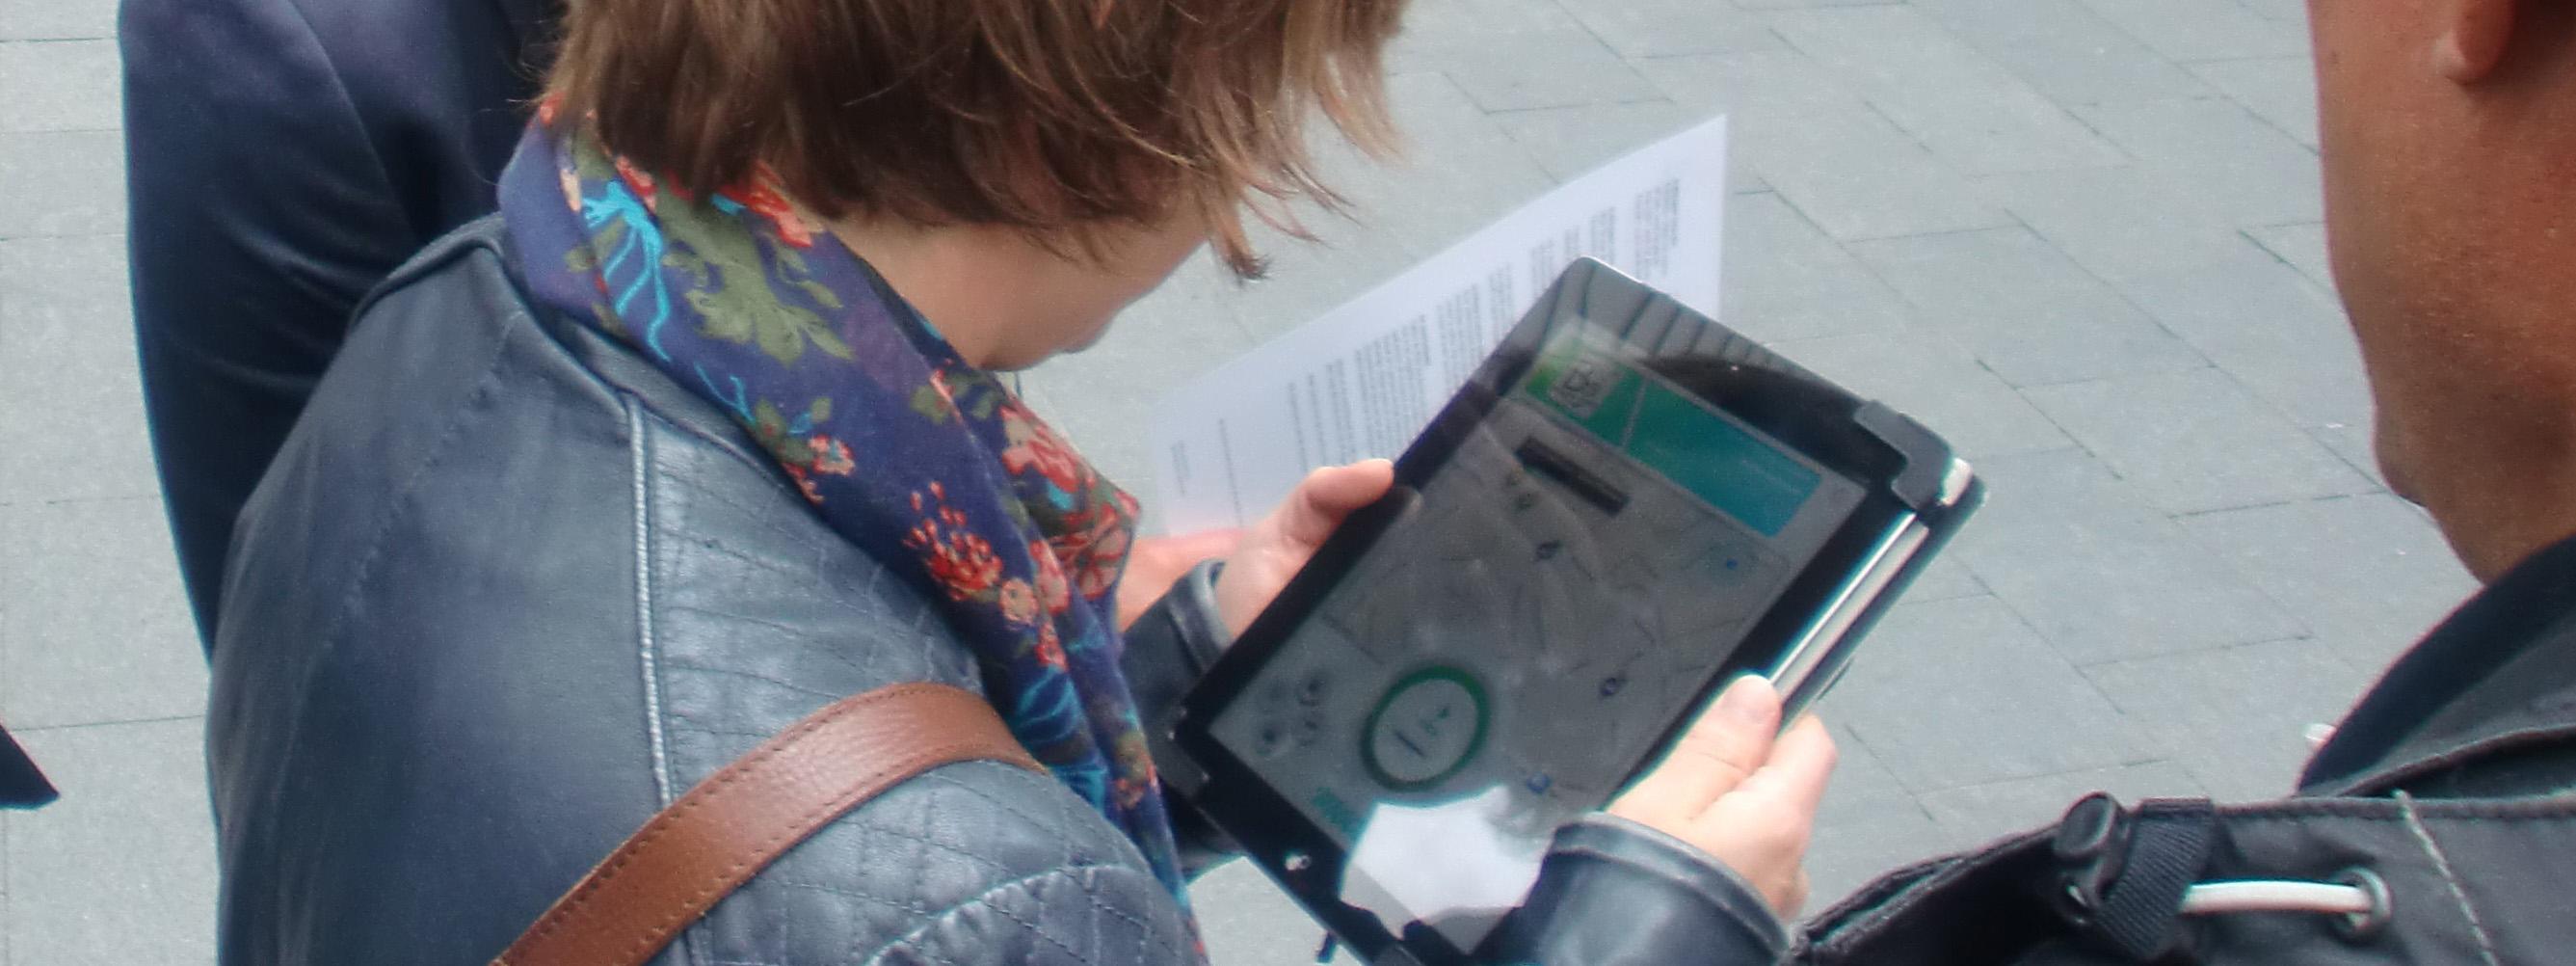 iPad team Challange - Eindhoven